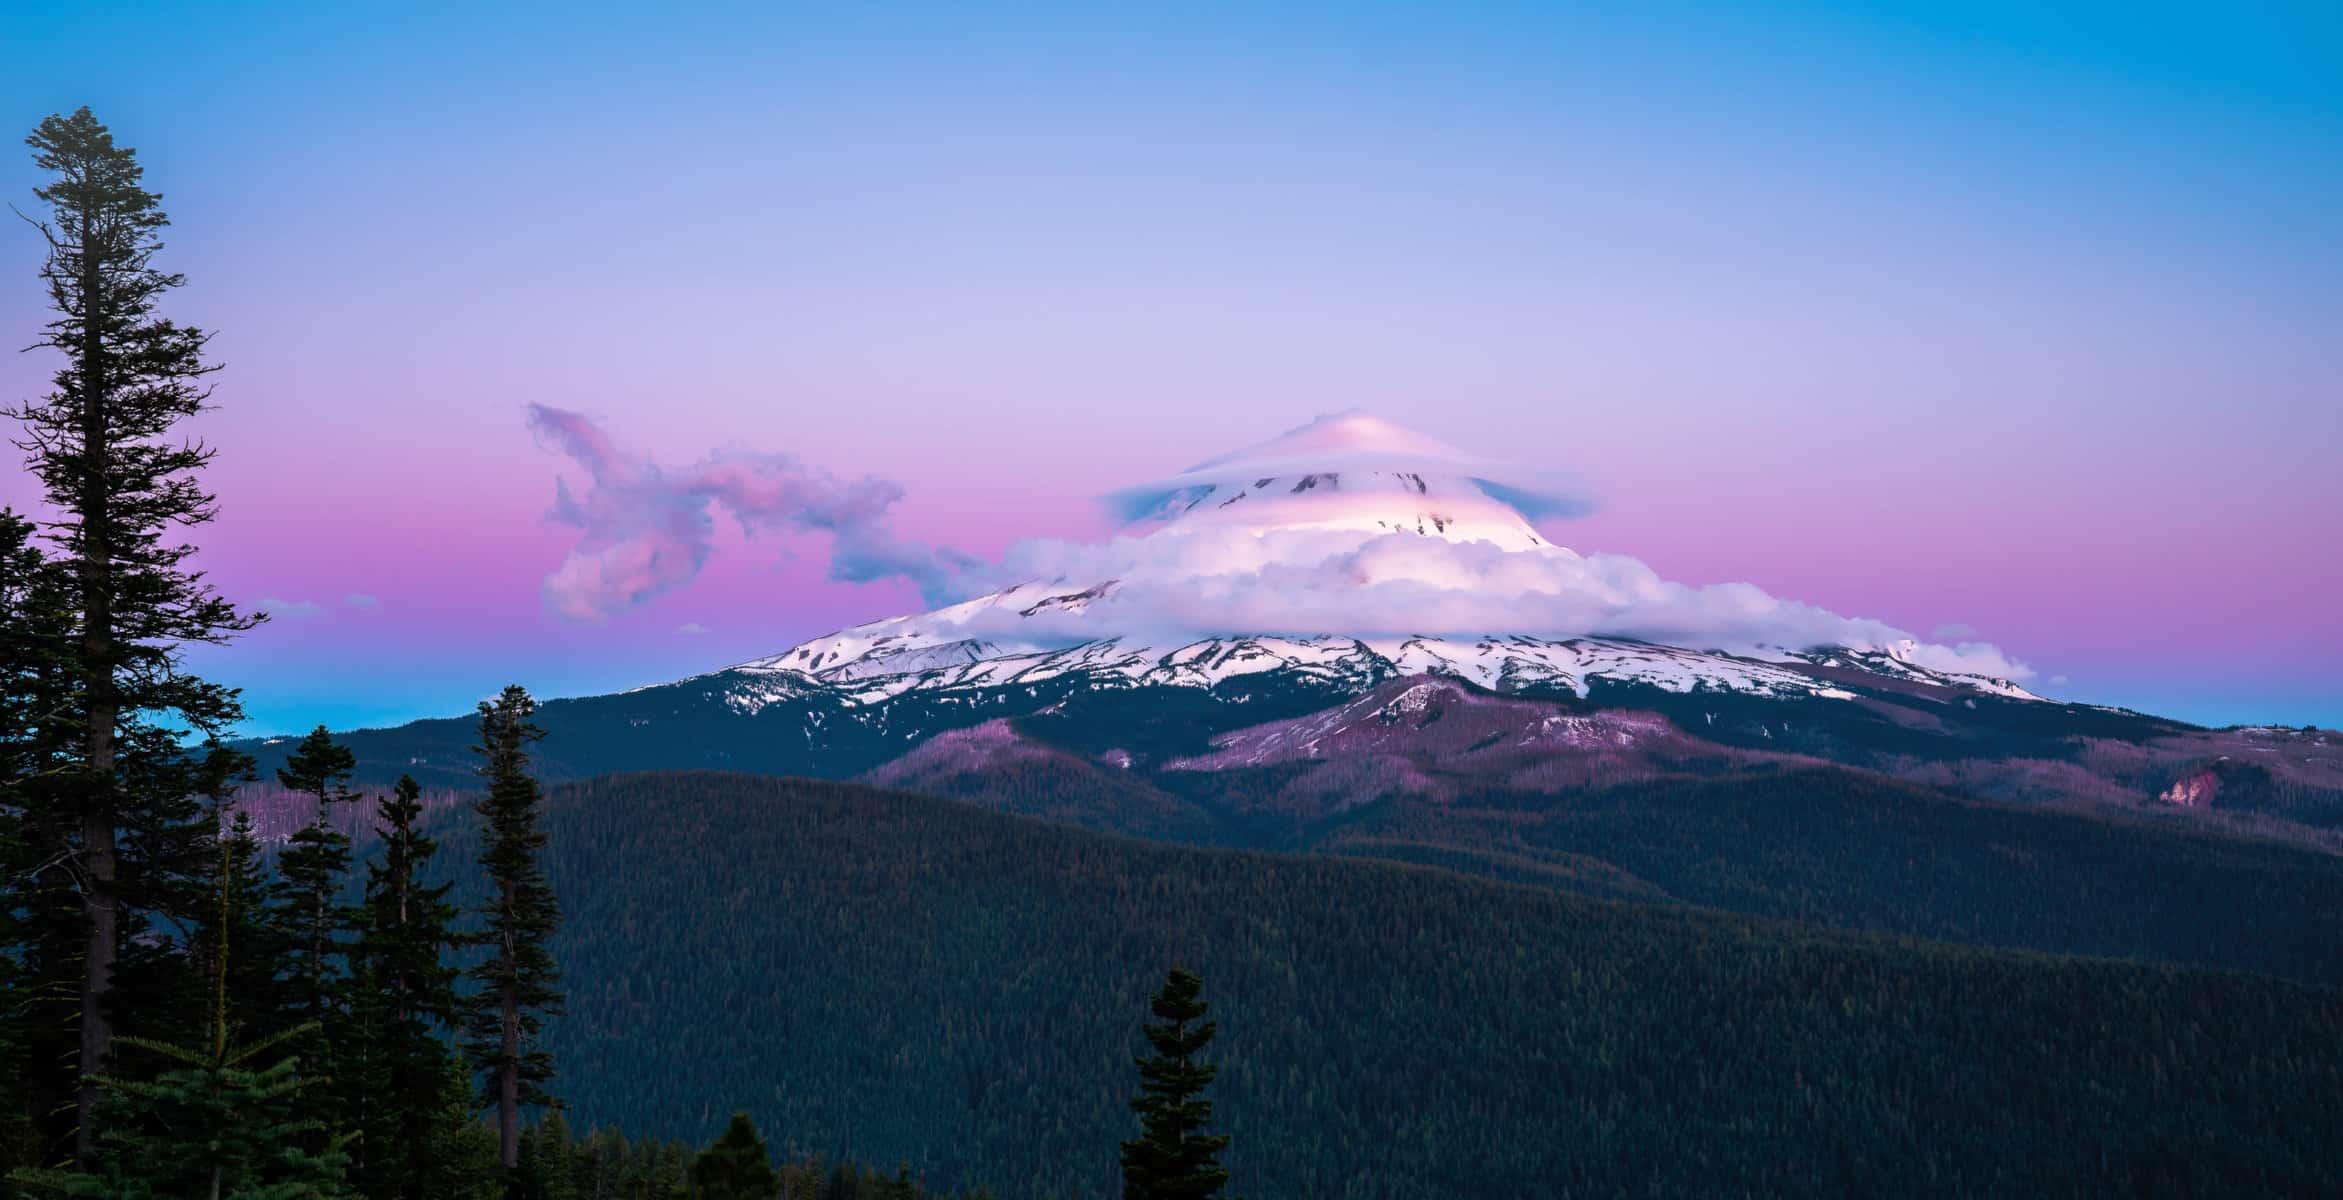 Mt. Hood with a Hood